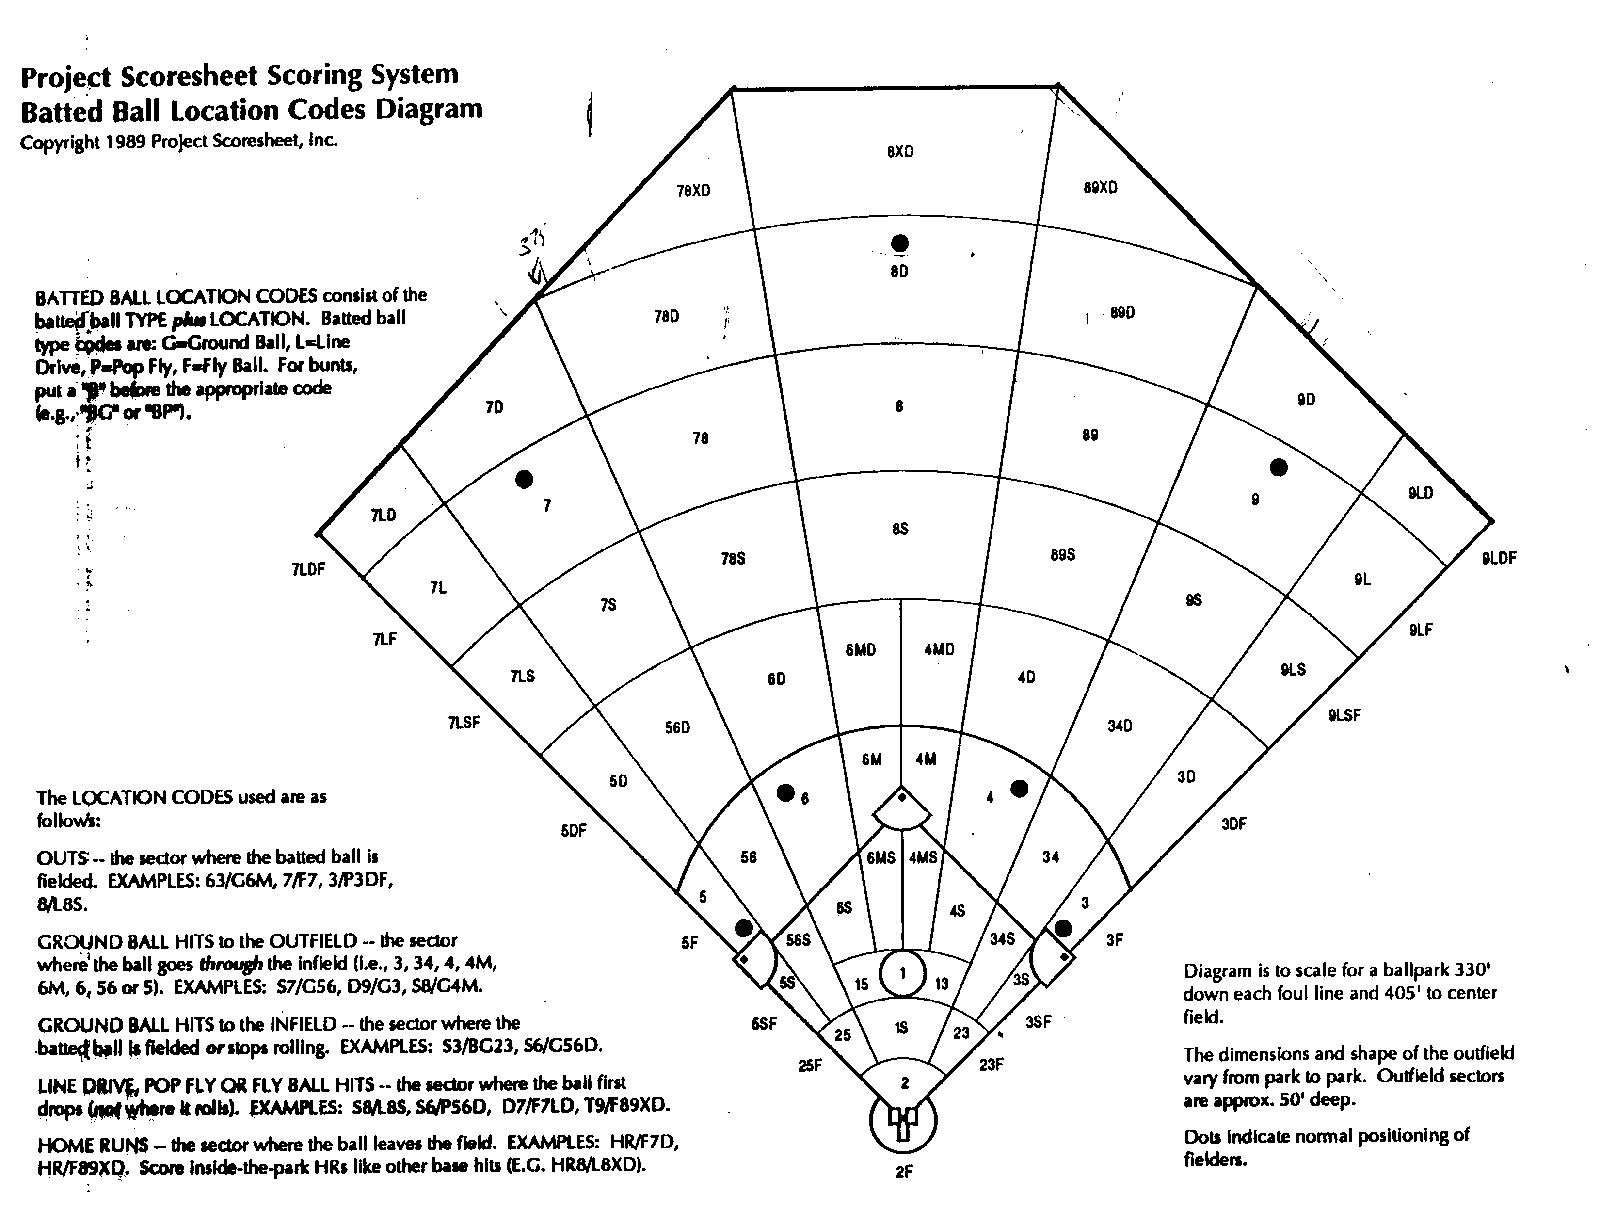 Retrosheet's scoring system was devised from the Project Scoresheet design (RETROSHEET.ORG)